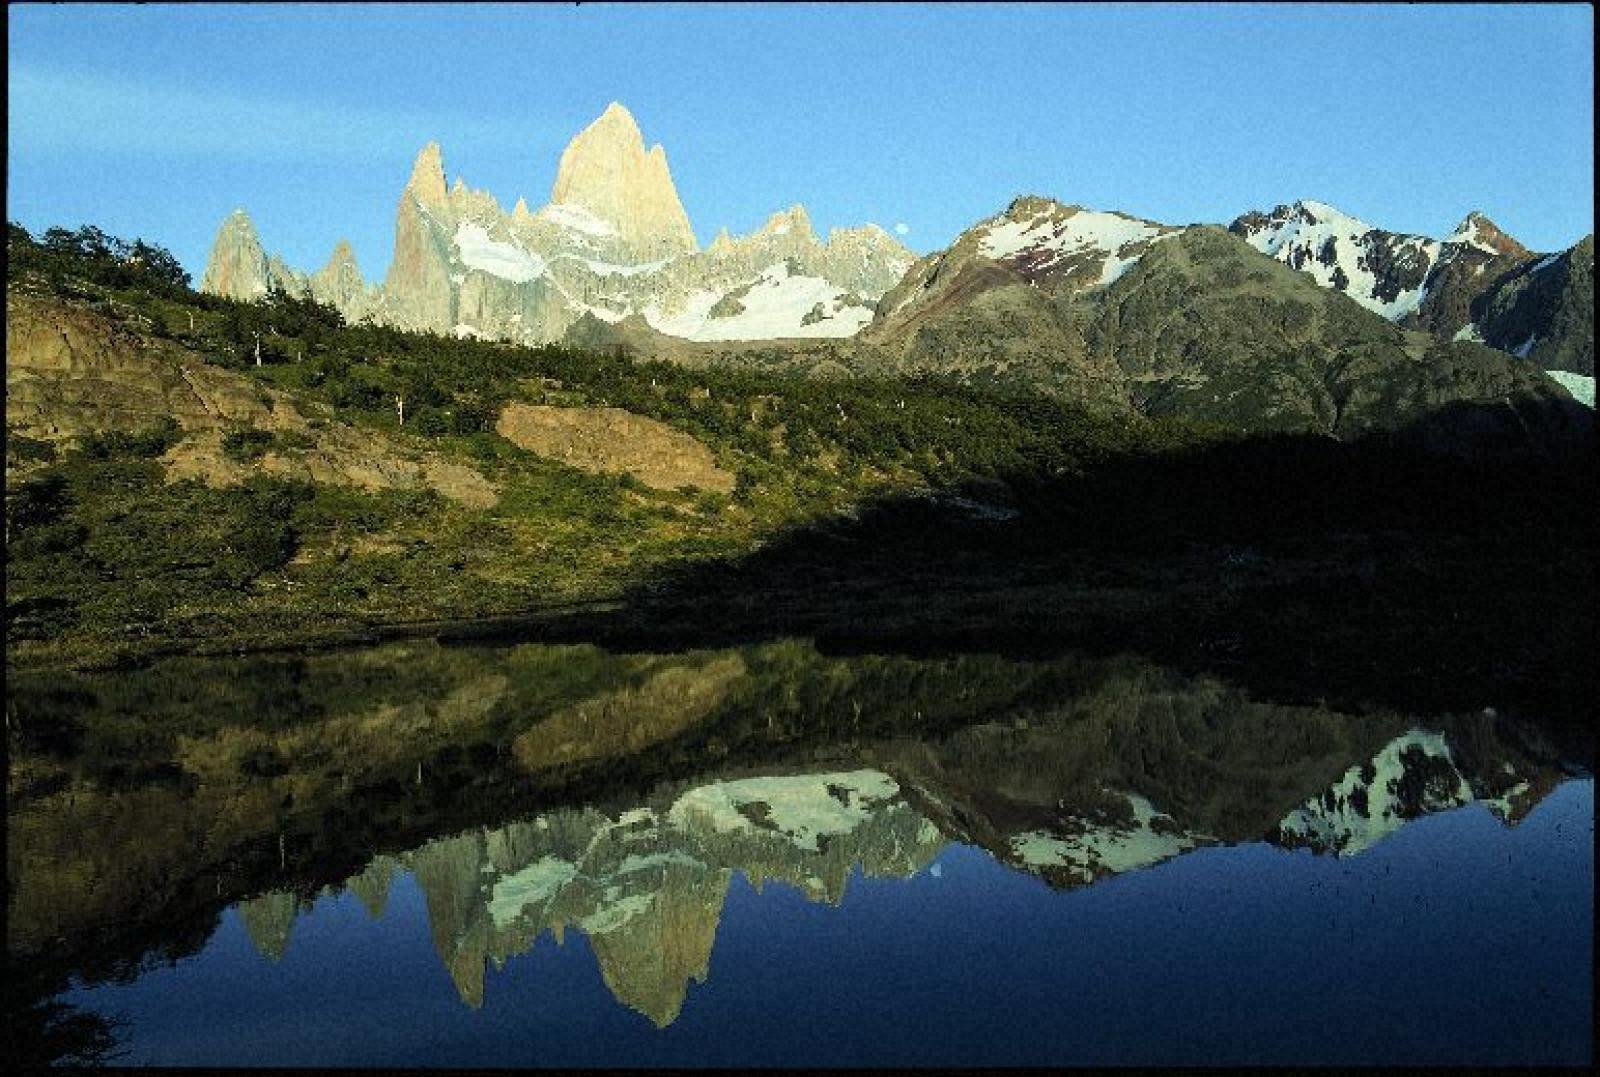 奇跡の惑星・地球 フィッツ・ロイ、パタゴニア、アルゼンチン